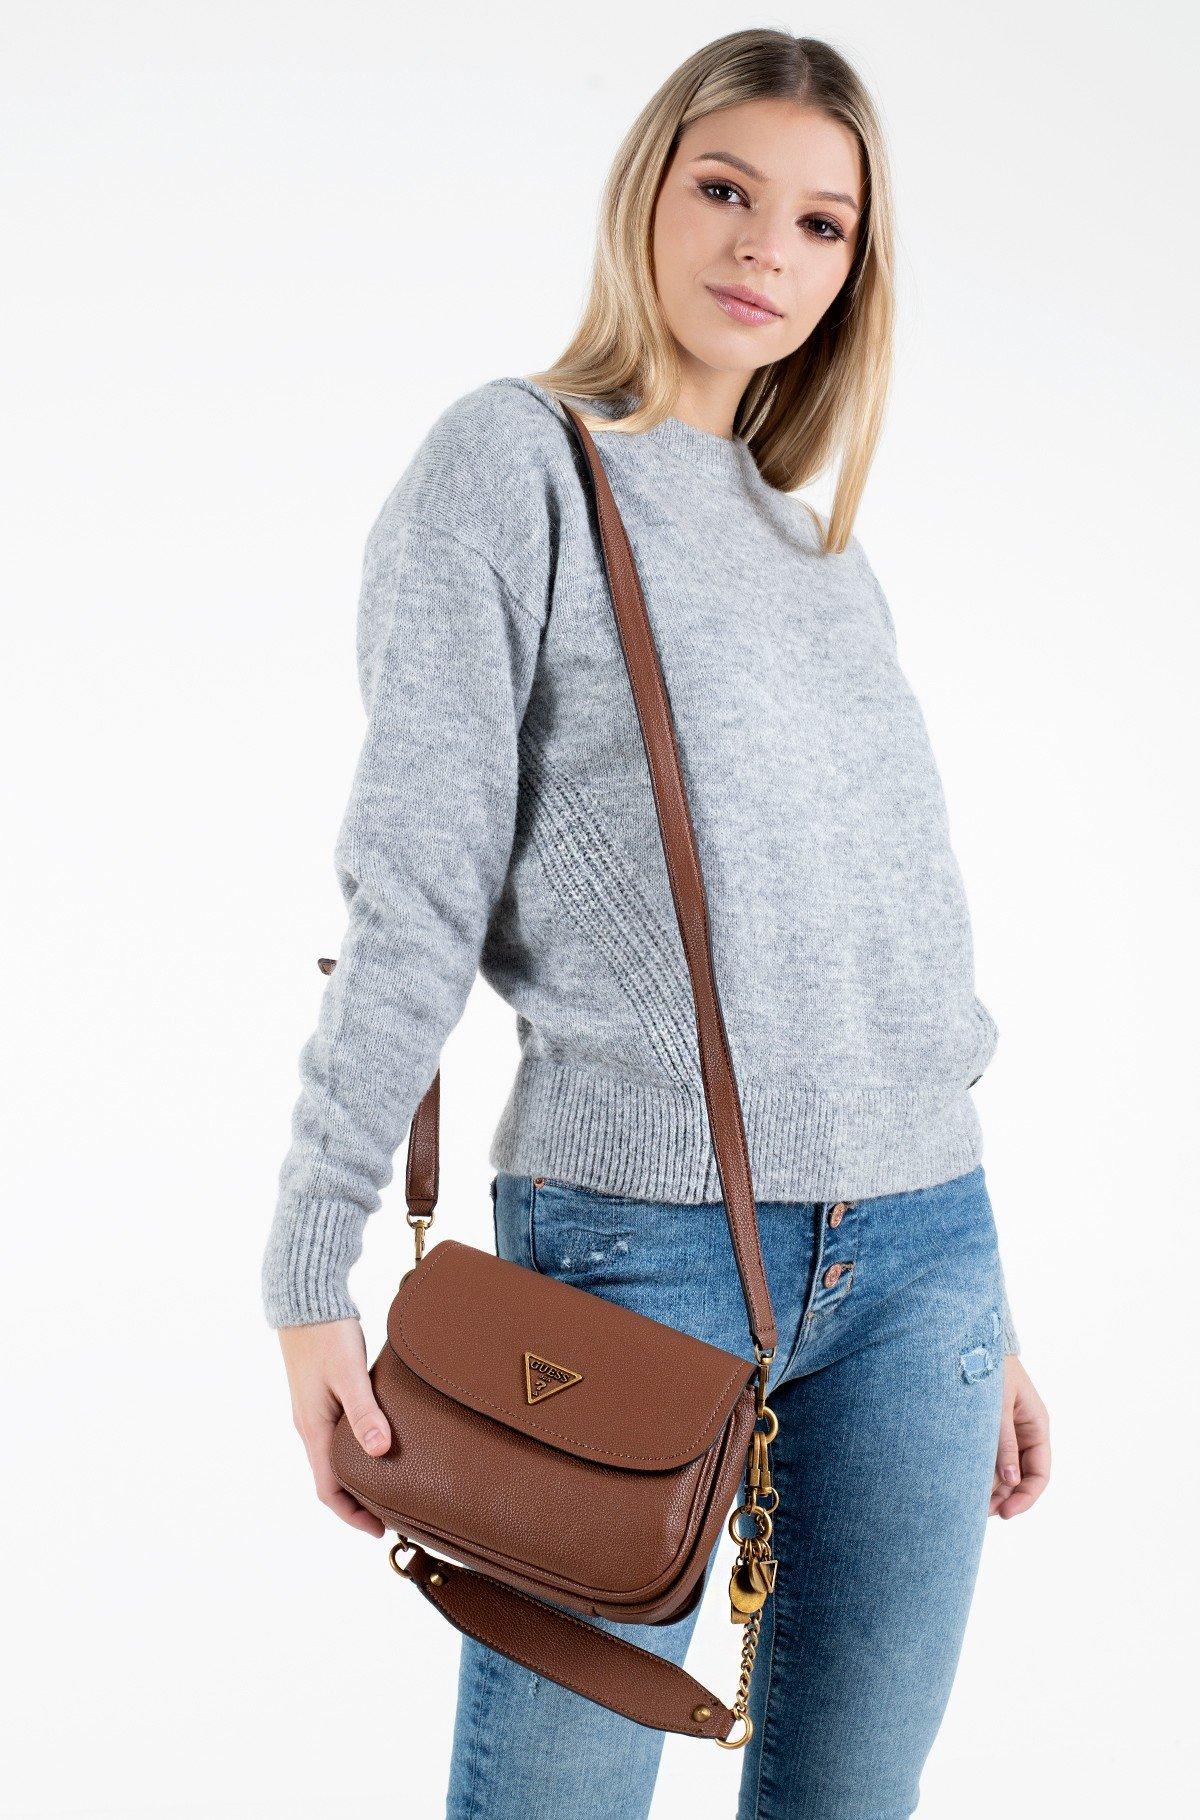 Shoulder bag HWVB78 78200-full-1